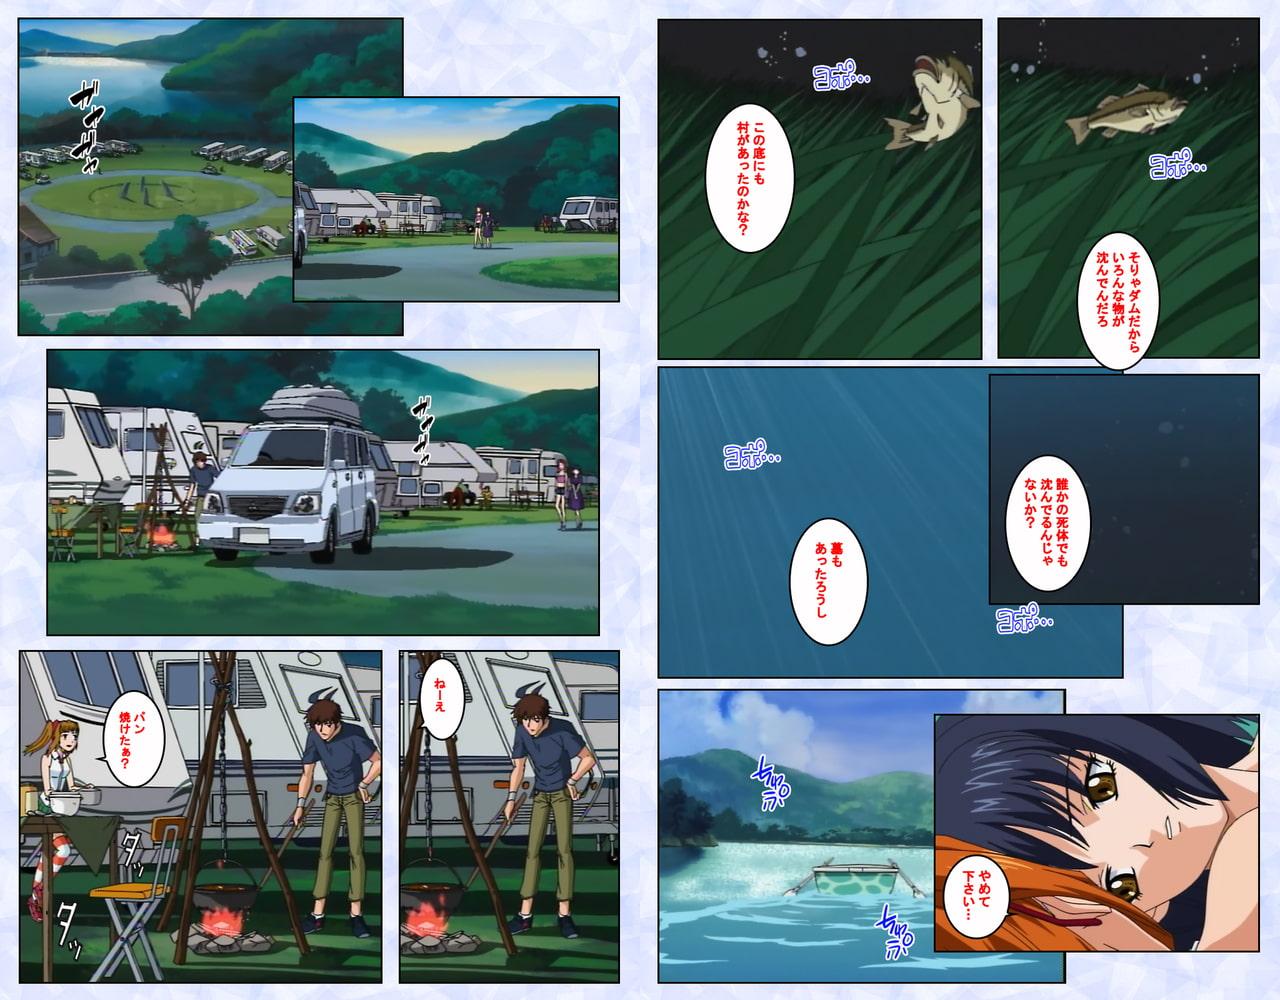 【フルカラー成人版】黒姫 -桎梏の館- 前編 1